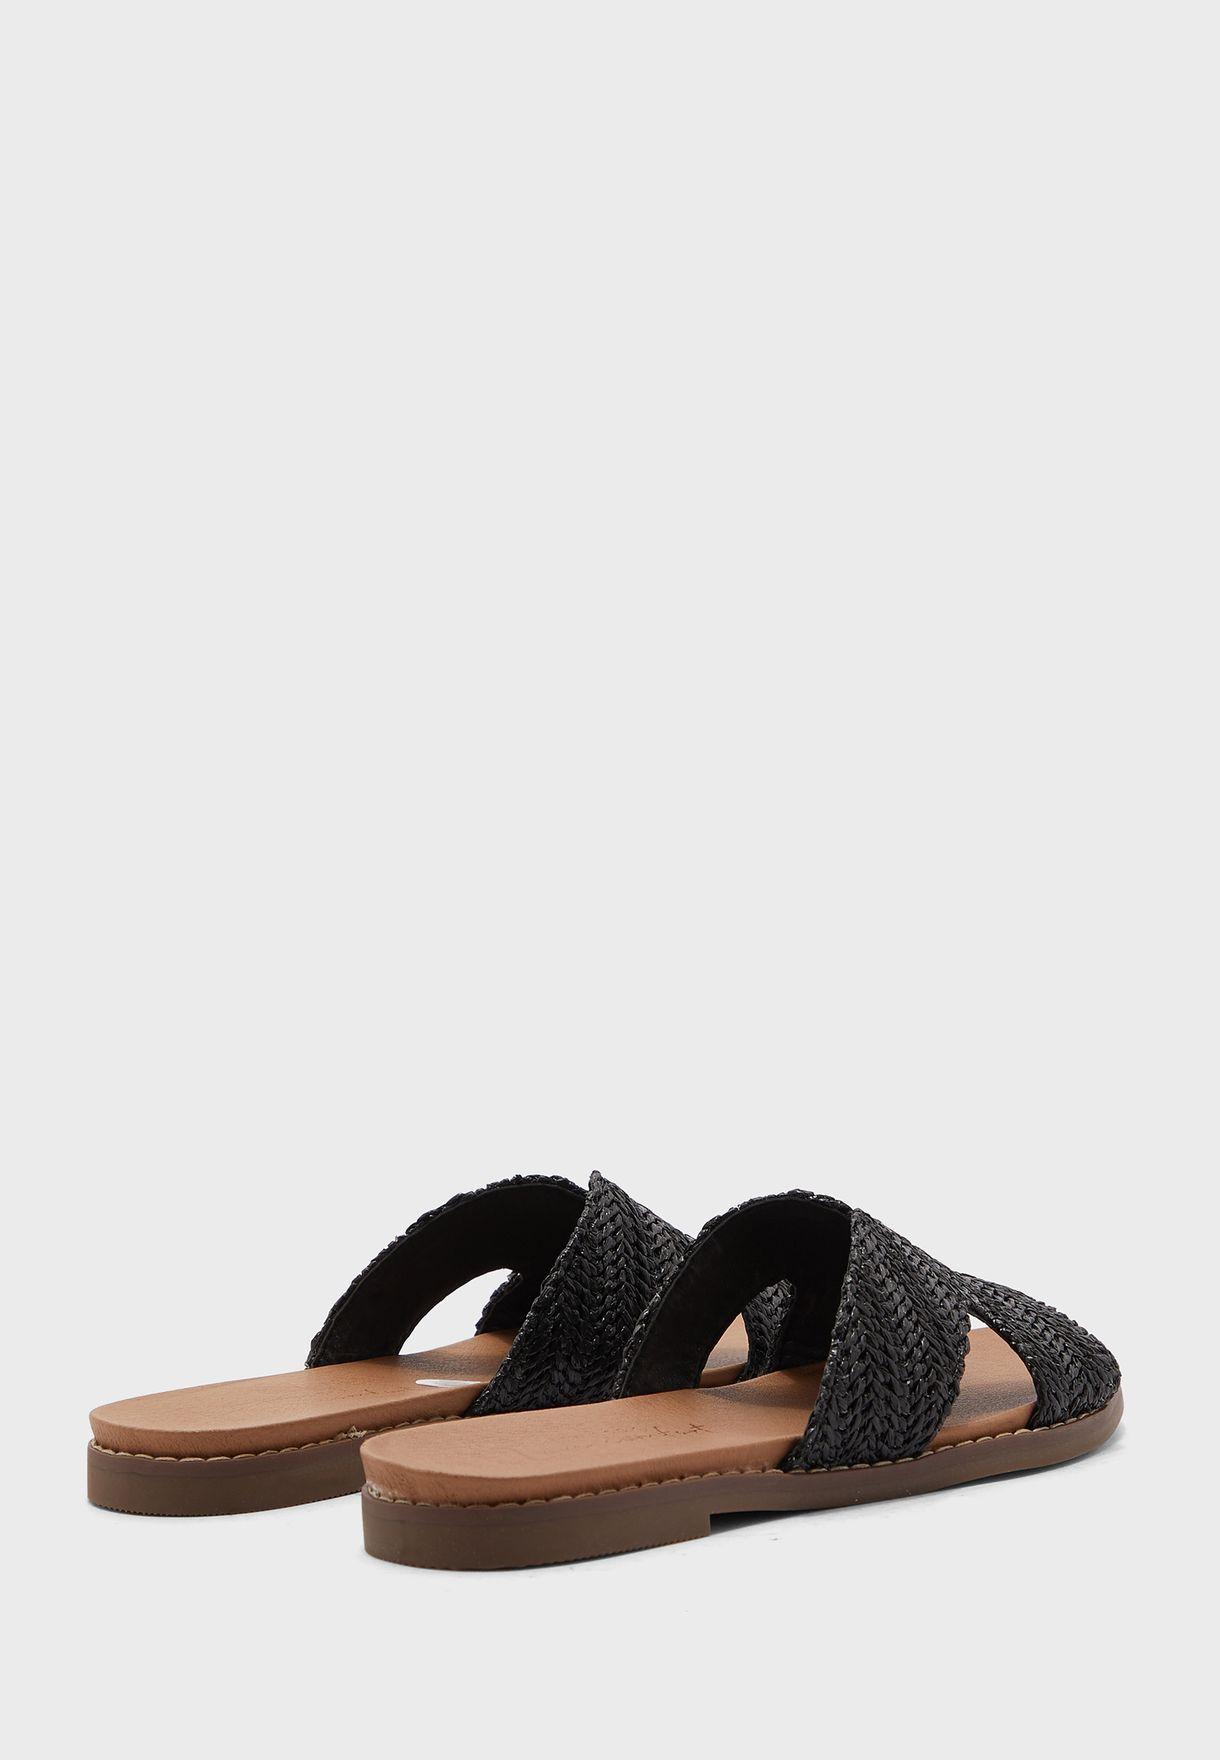 Fizzed Flat Sandal